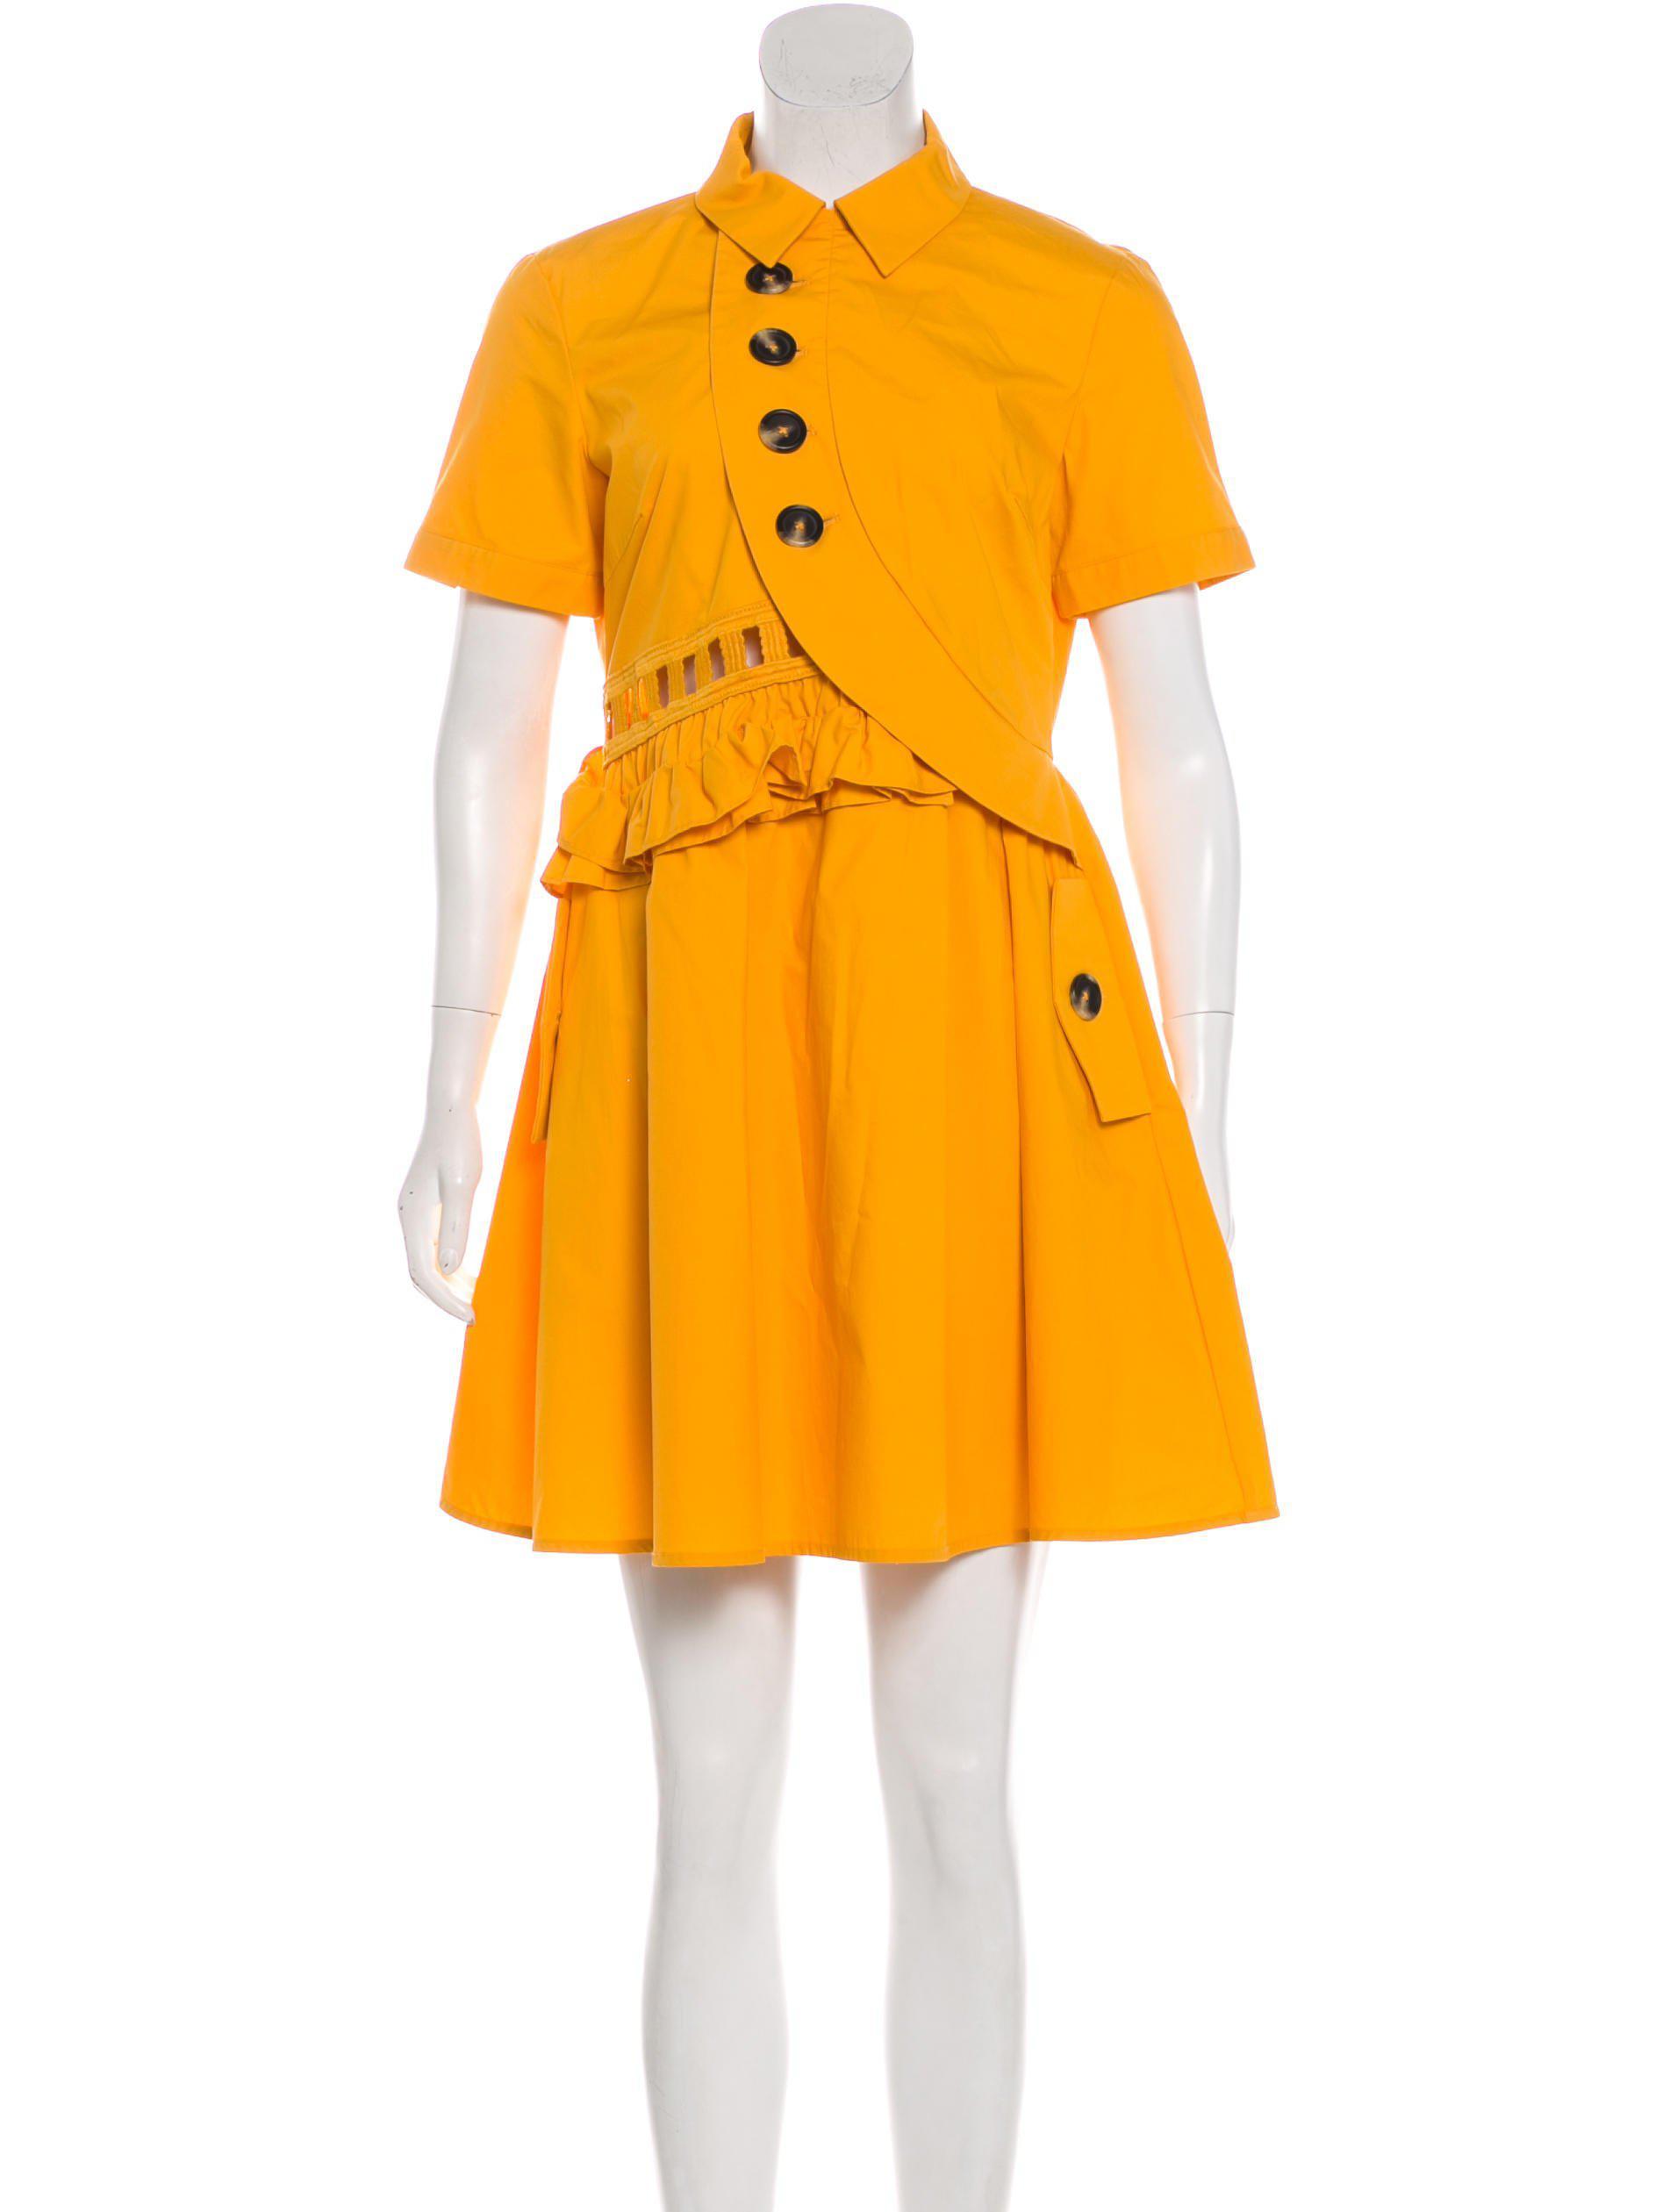 7f7f8229bafa8 Lyst - Self-Portrait Short Sleeve Mini Dress Yellow in Metallic